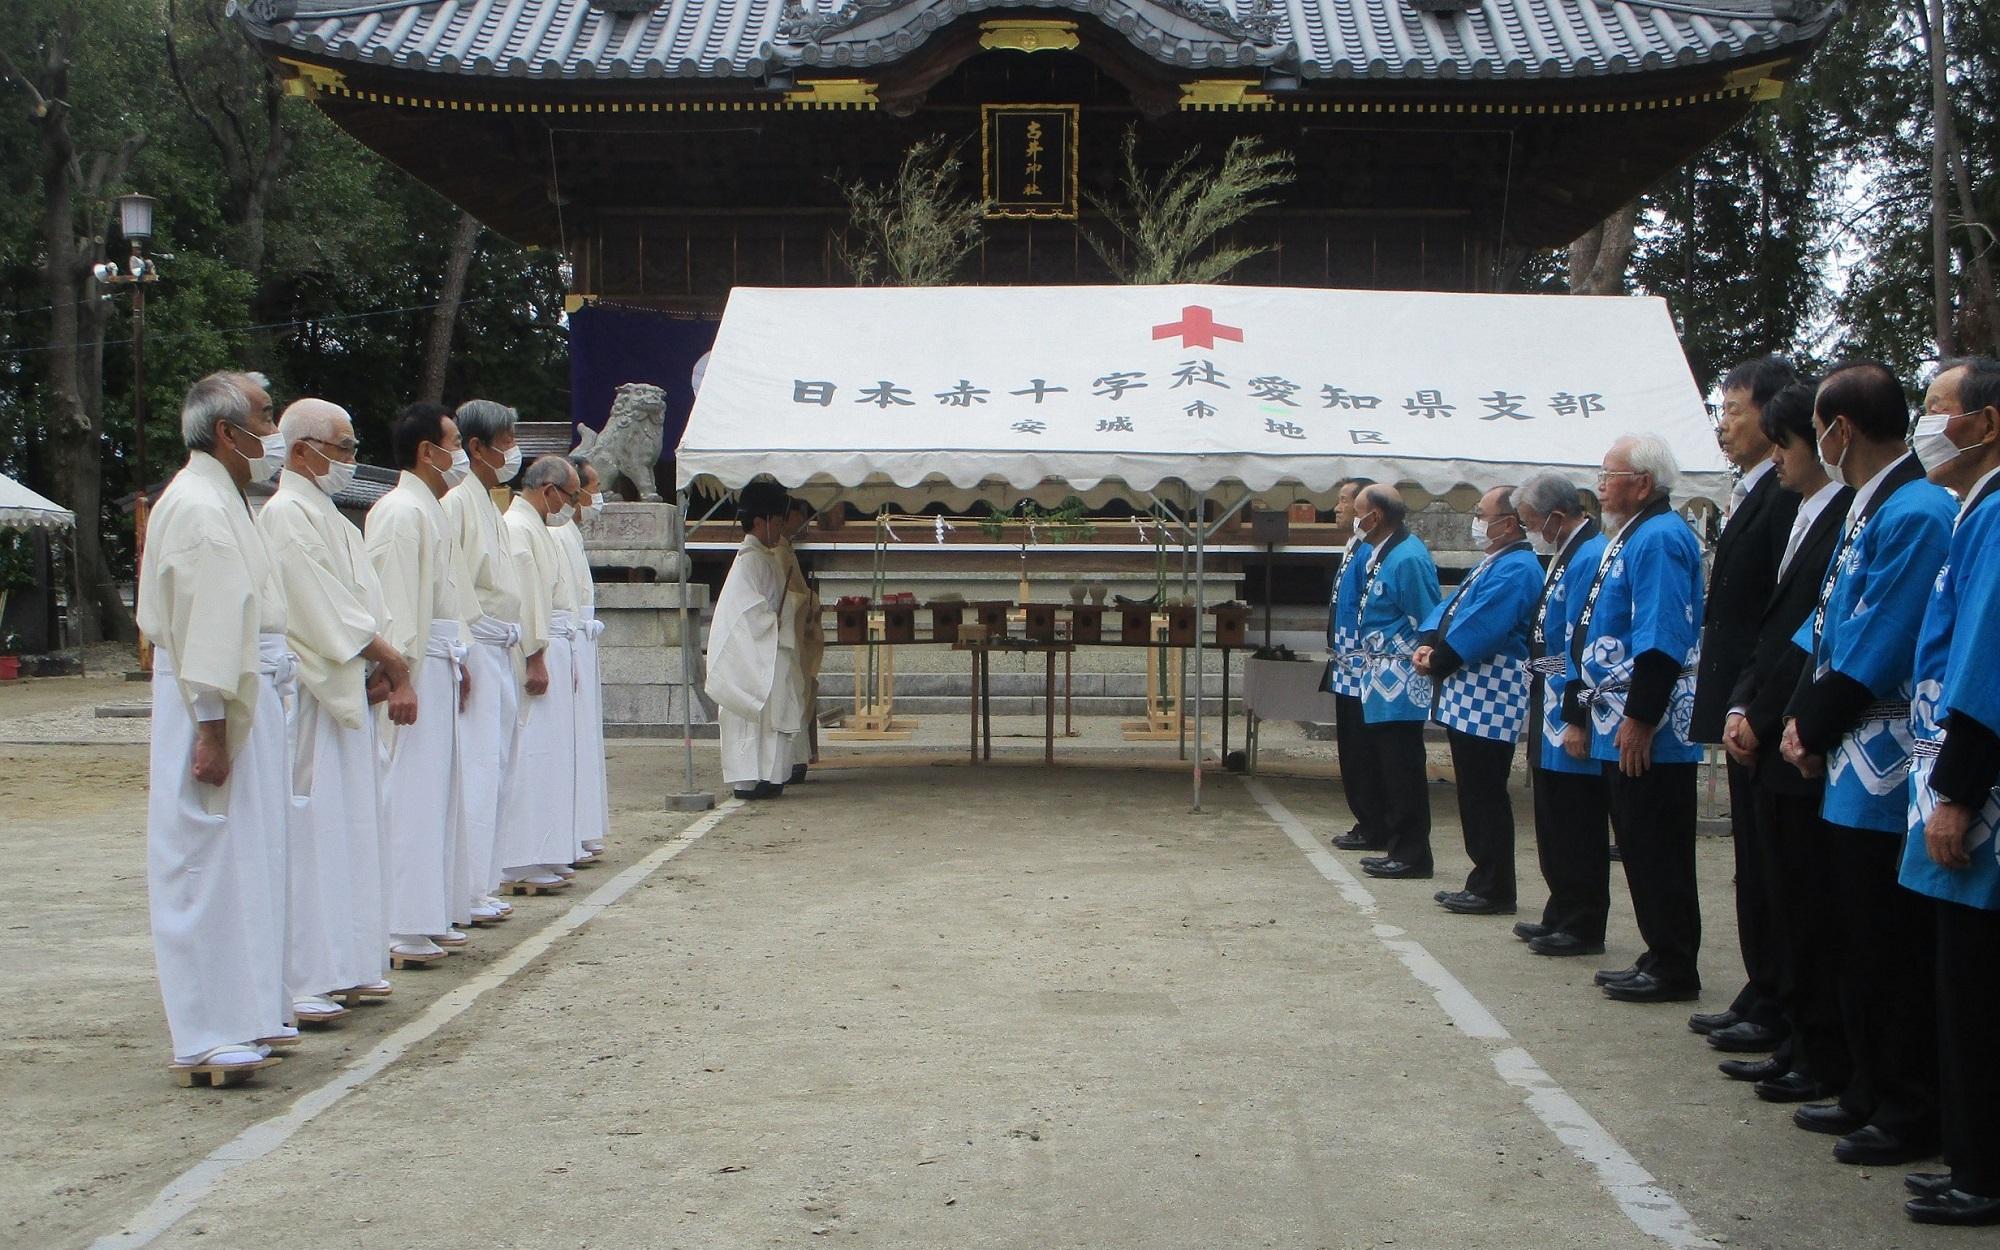 2020.3.28 (7) 古井神社きよはらい - はじめ 2000-1250